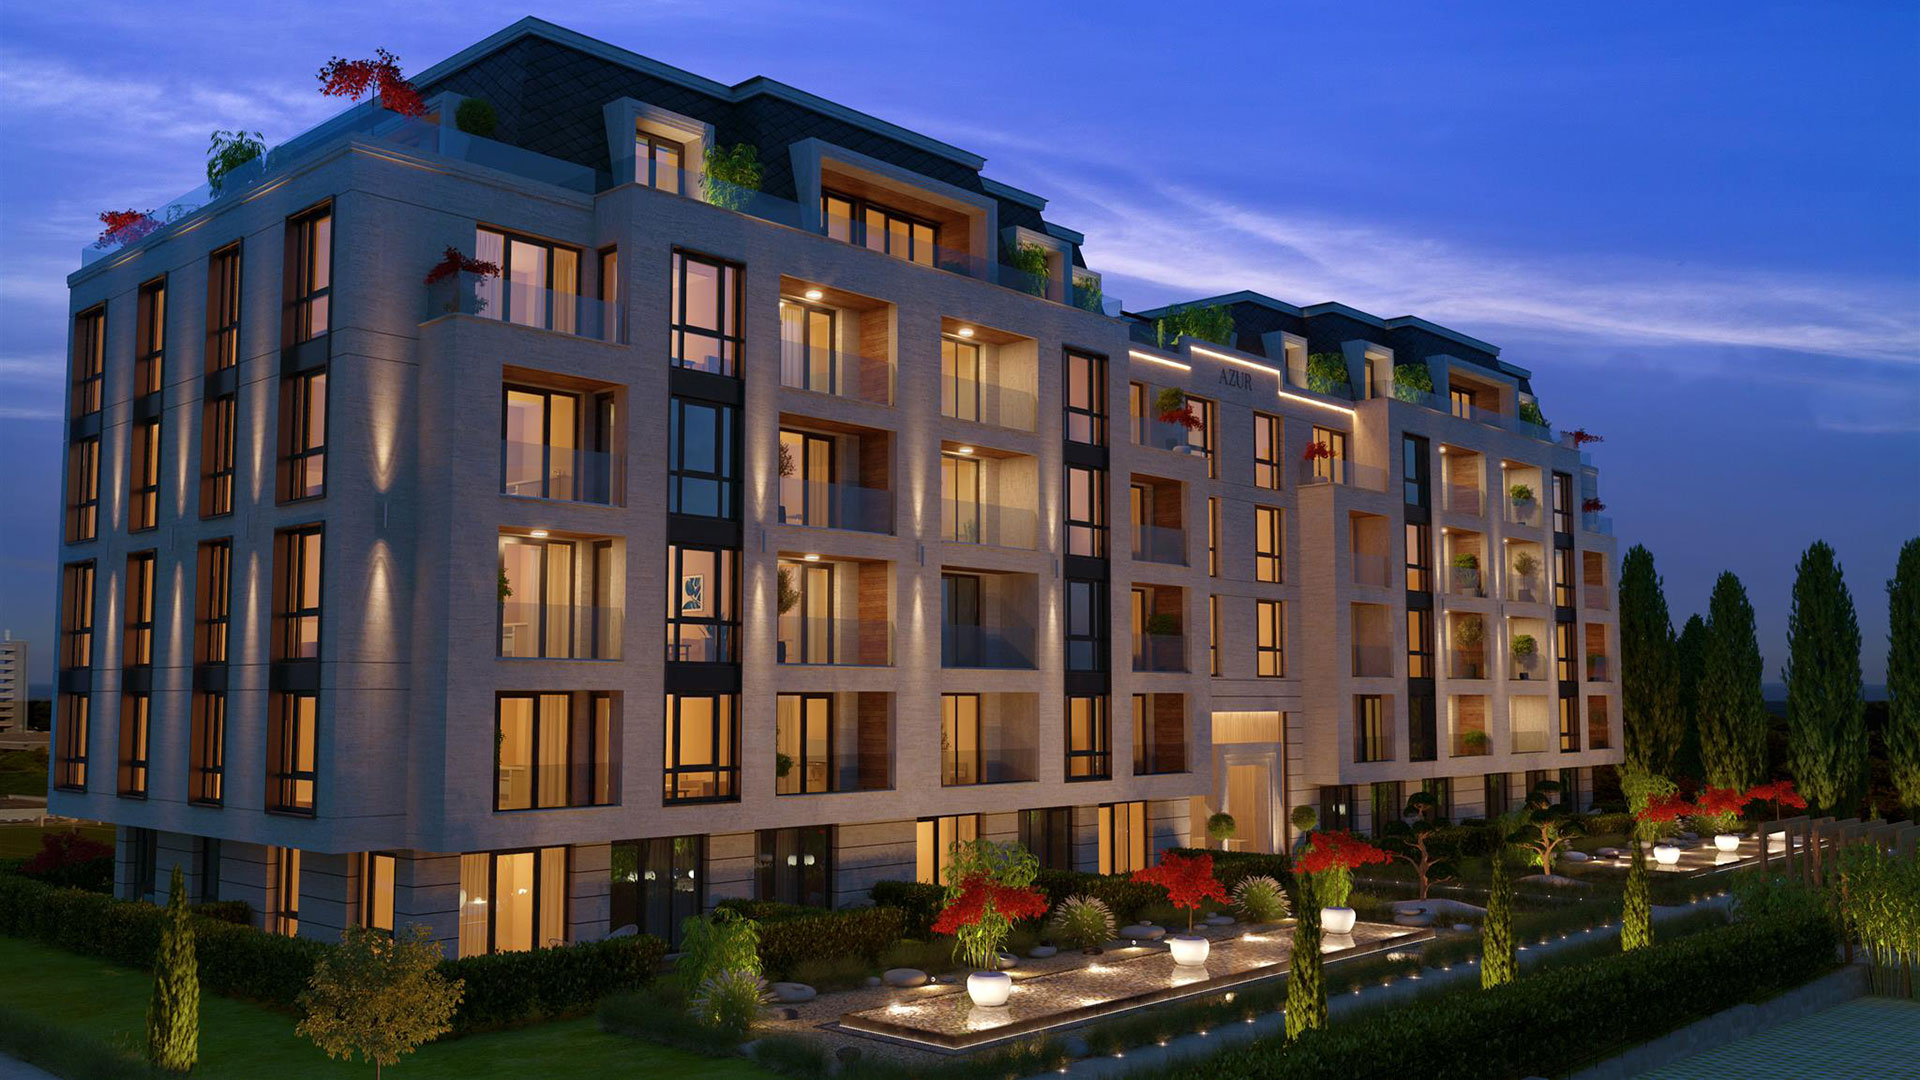 Das erste grüne Gebäude in Varna, das von BREEAM zertifiziert wird.